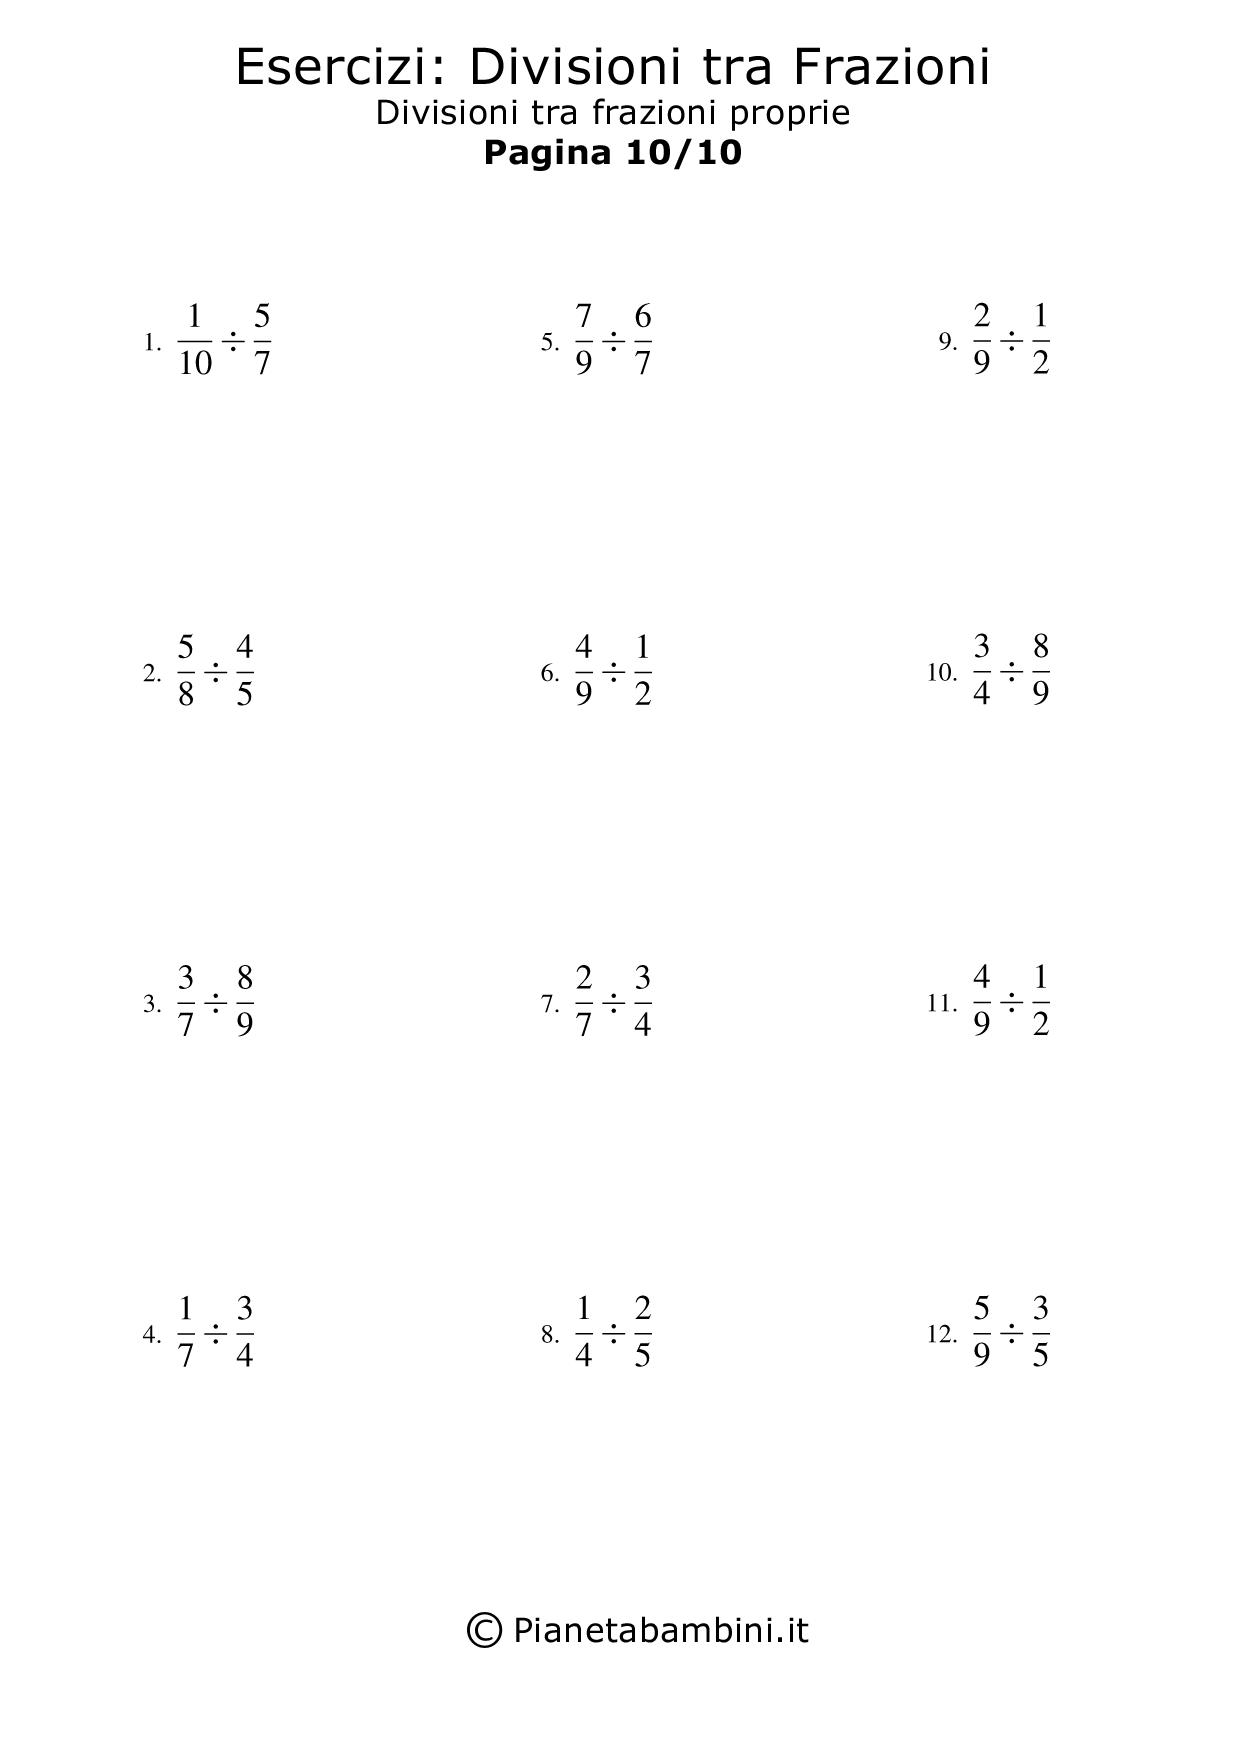 Esercizi-Divisioni-Frazioni-Proprie_10